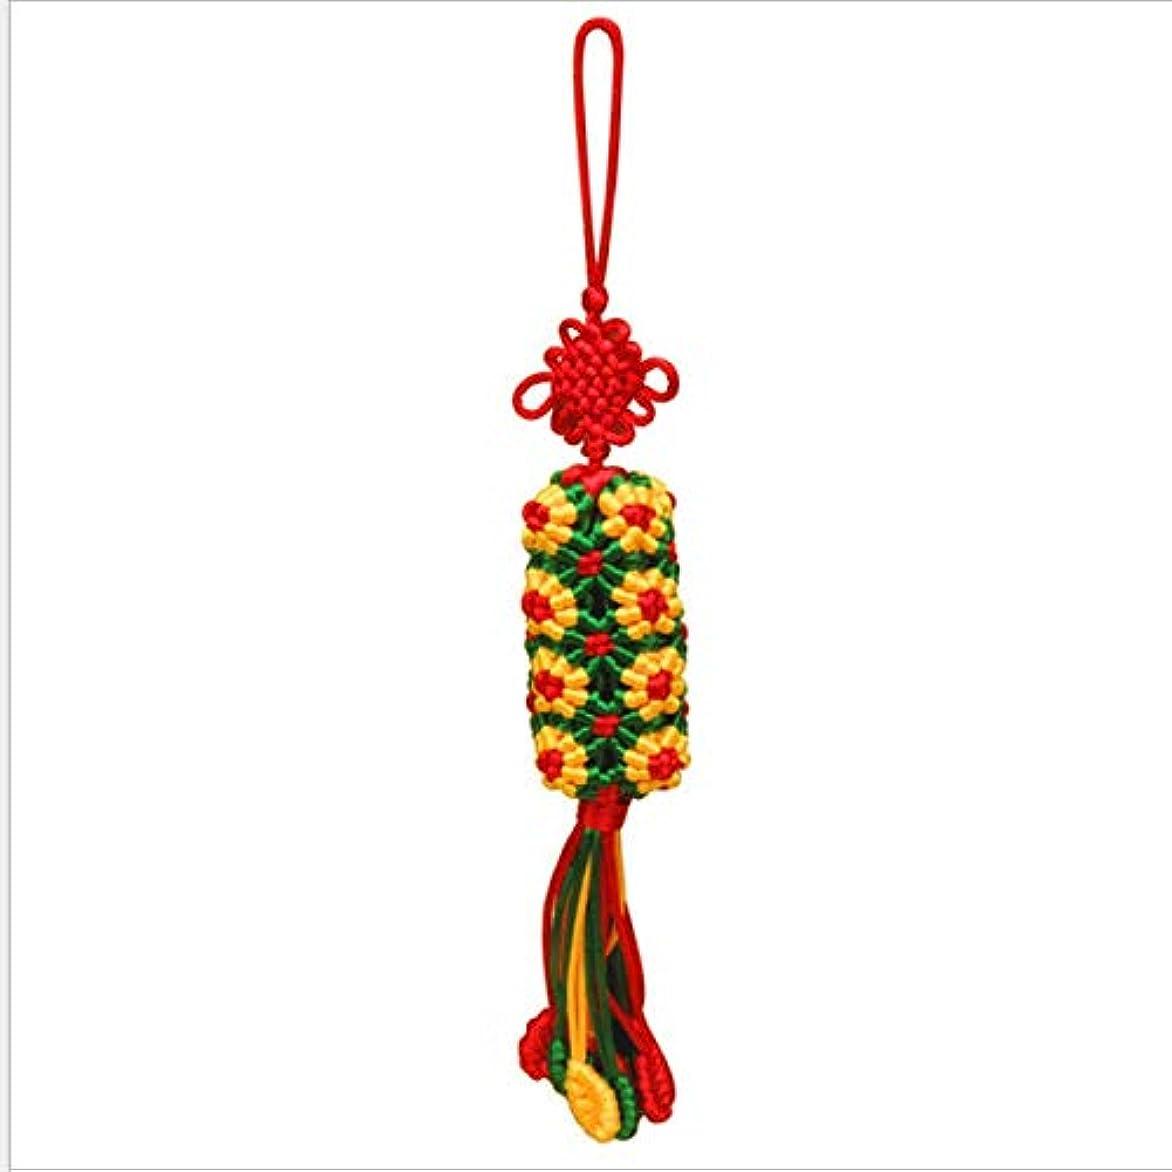 歪める裏切りピッチャーJielongtongxun 1パック、カラフルなロープの手編みの小さなペンダント、ひまわりのペンダント、フリンジサテンのチャイニーズノット(赤),絶妙な飾り (Color : Red)